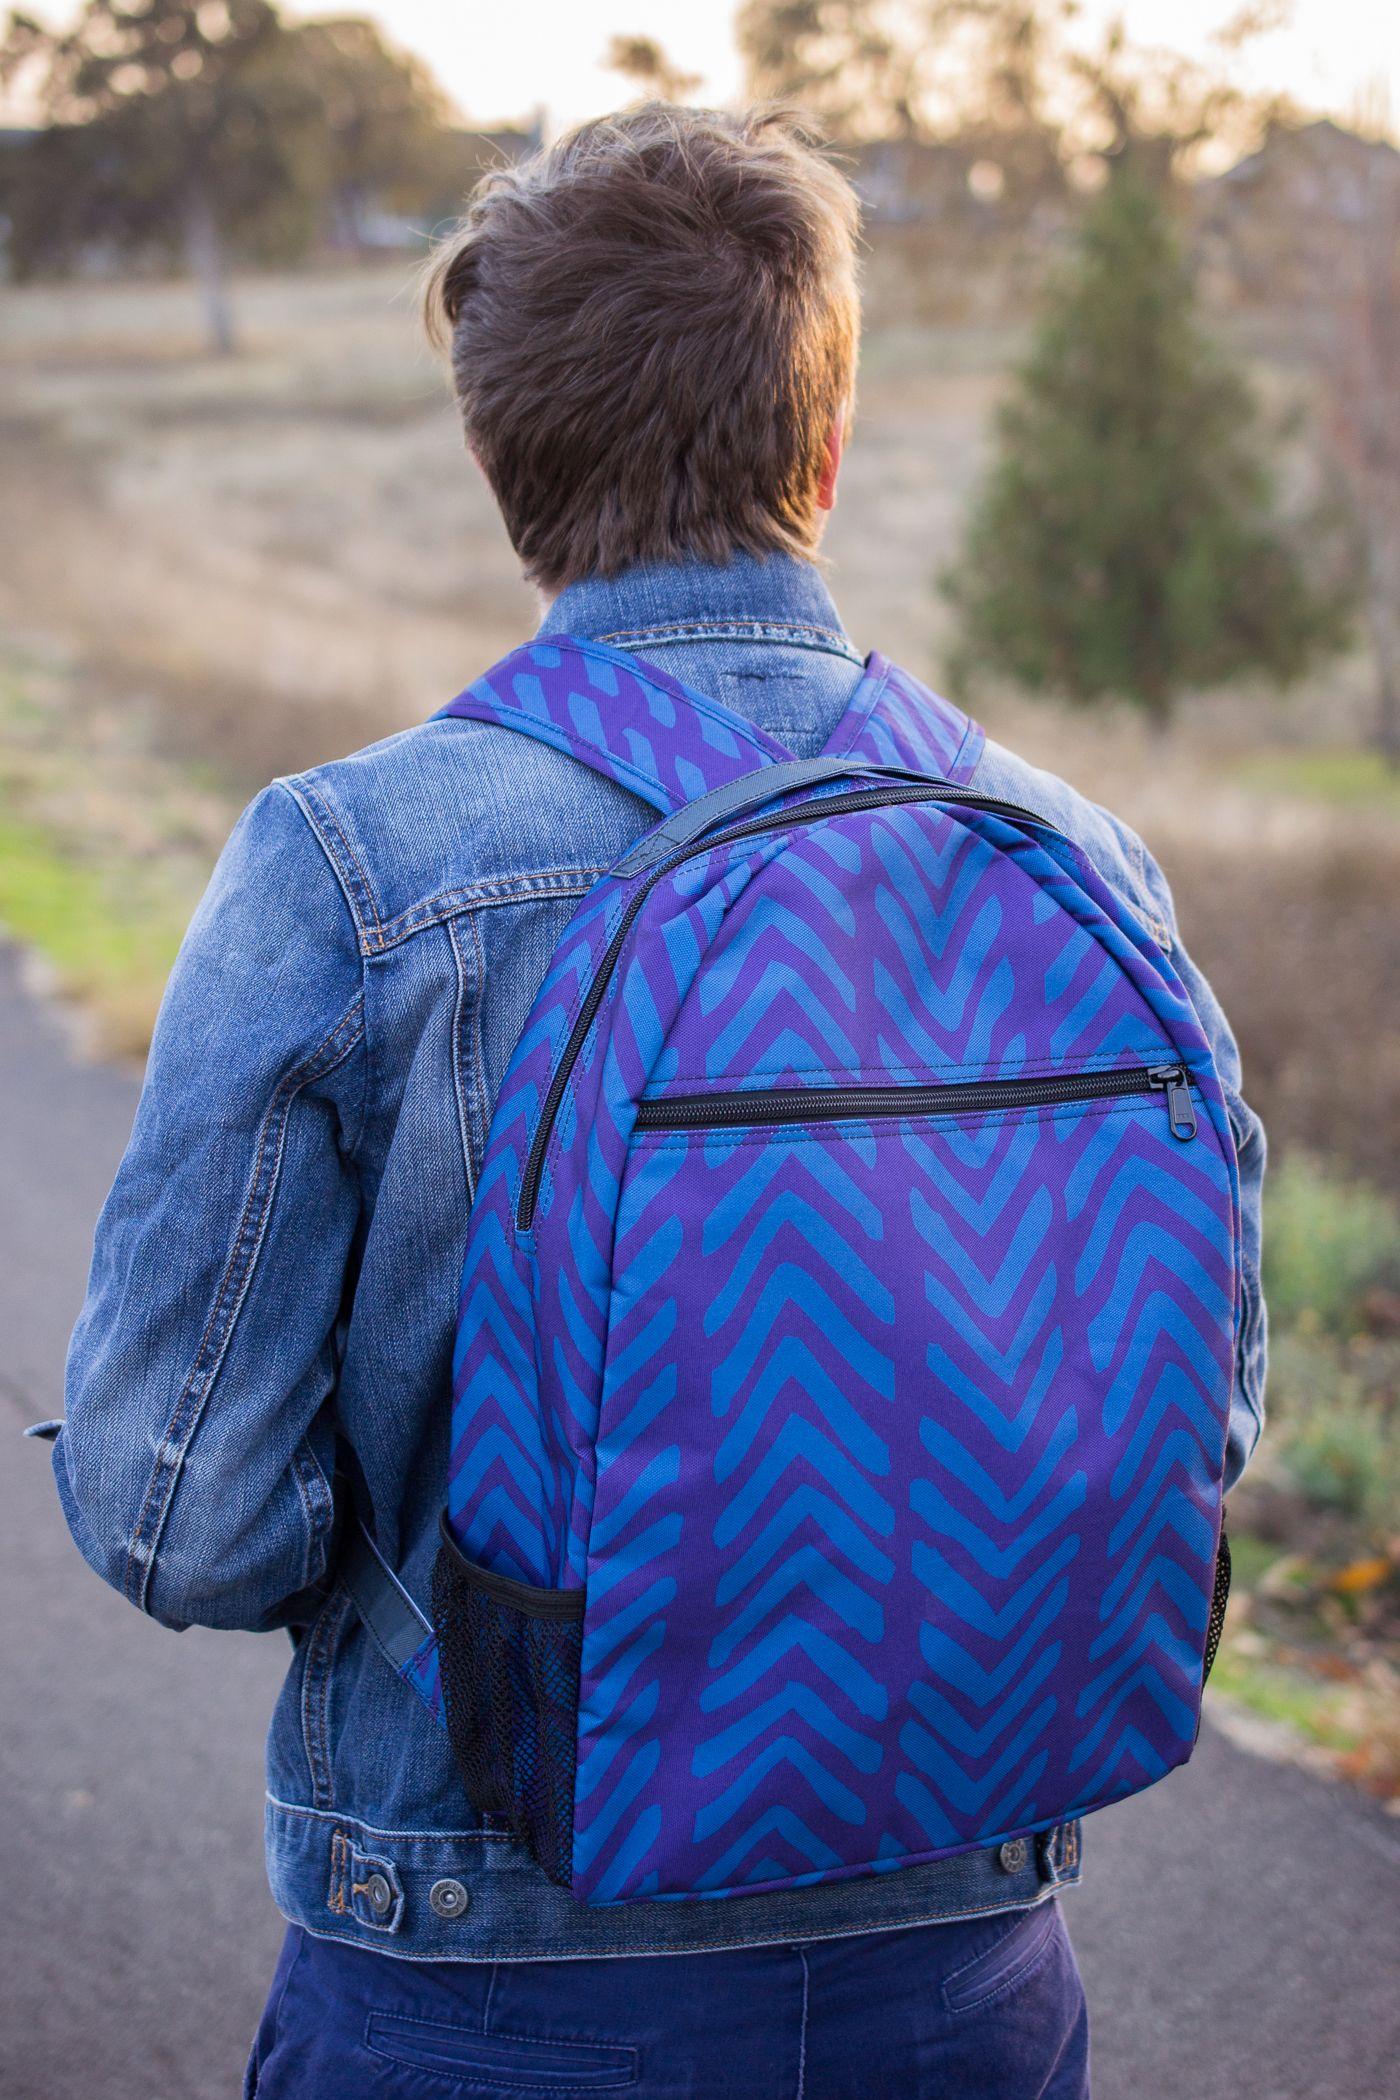 Blue Herringbone Jungle Backpack - fully customizable, on demand at mywearstore.com